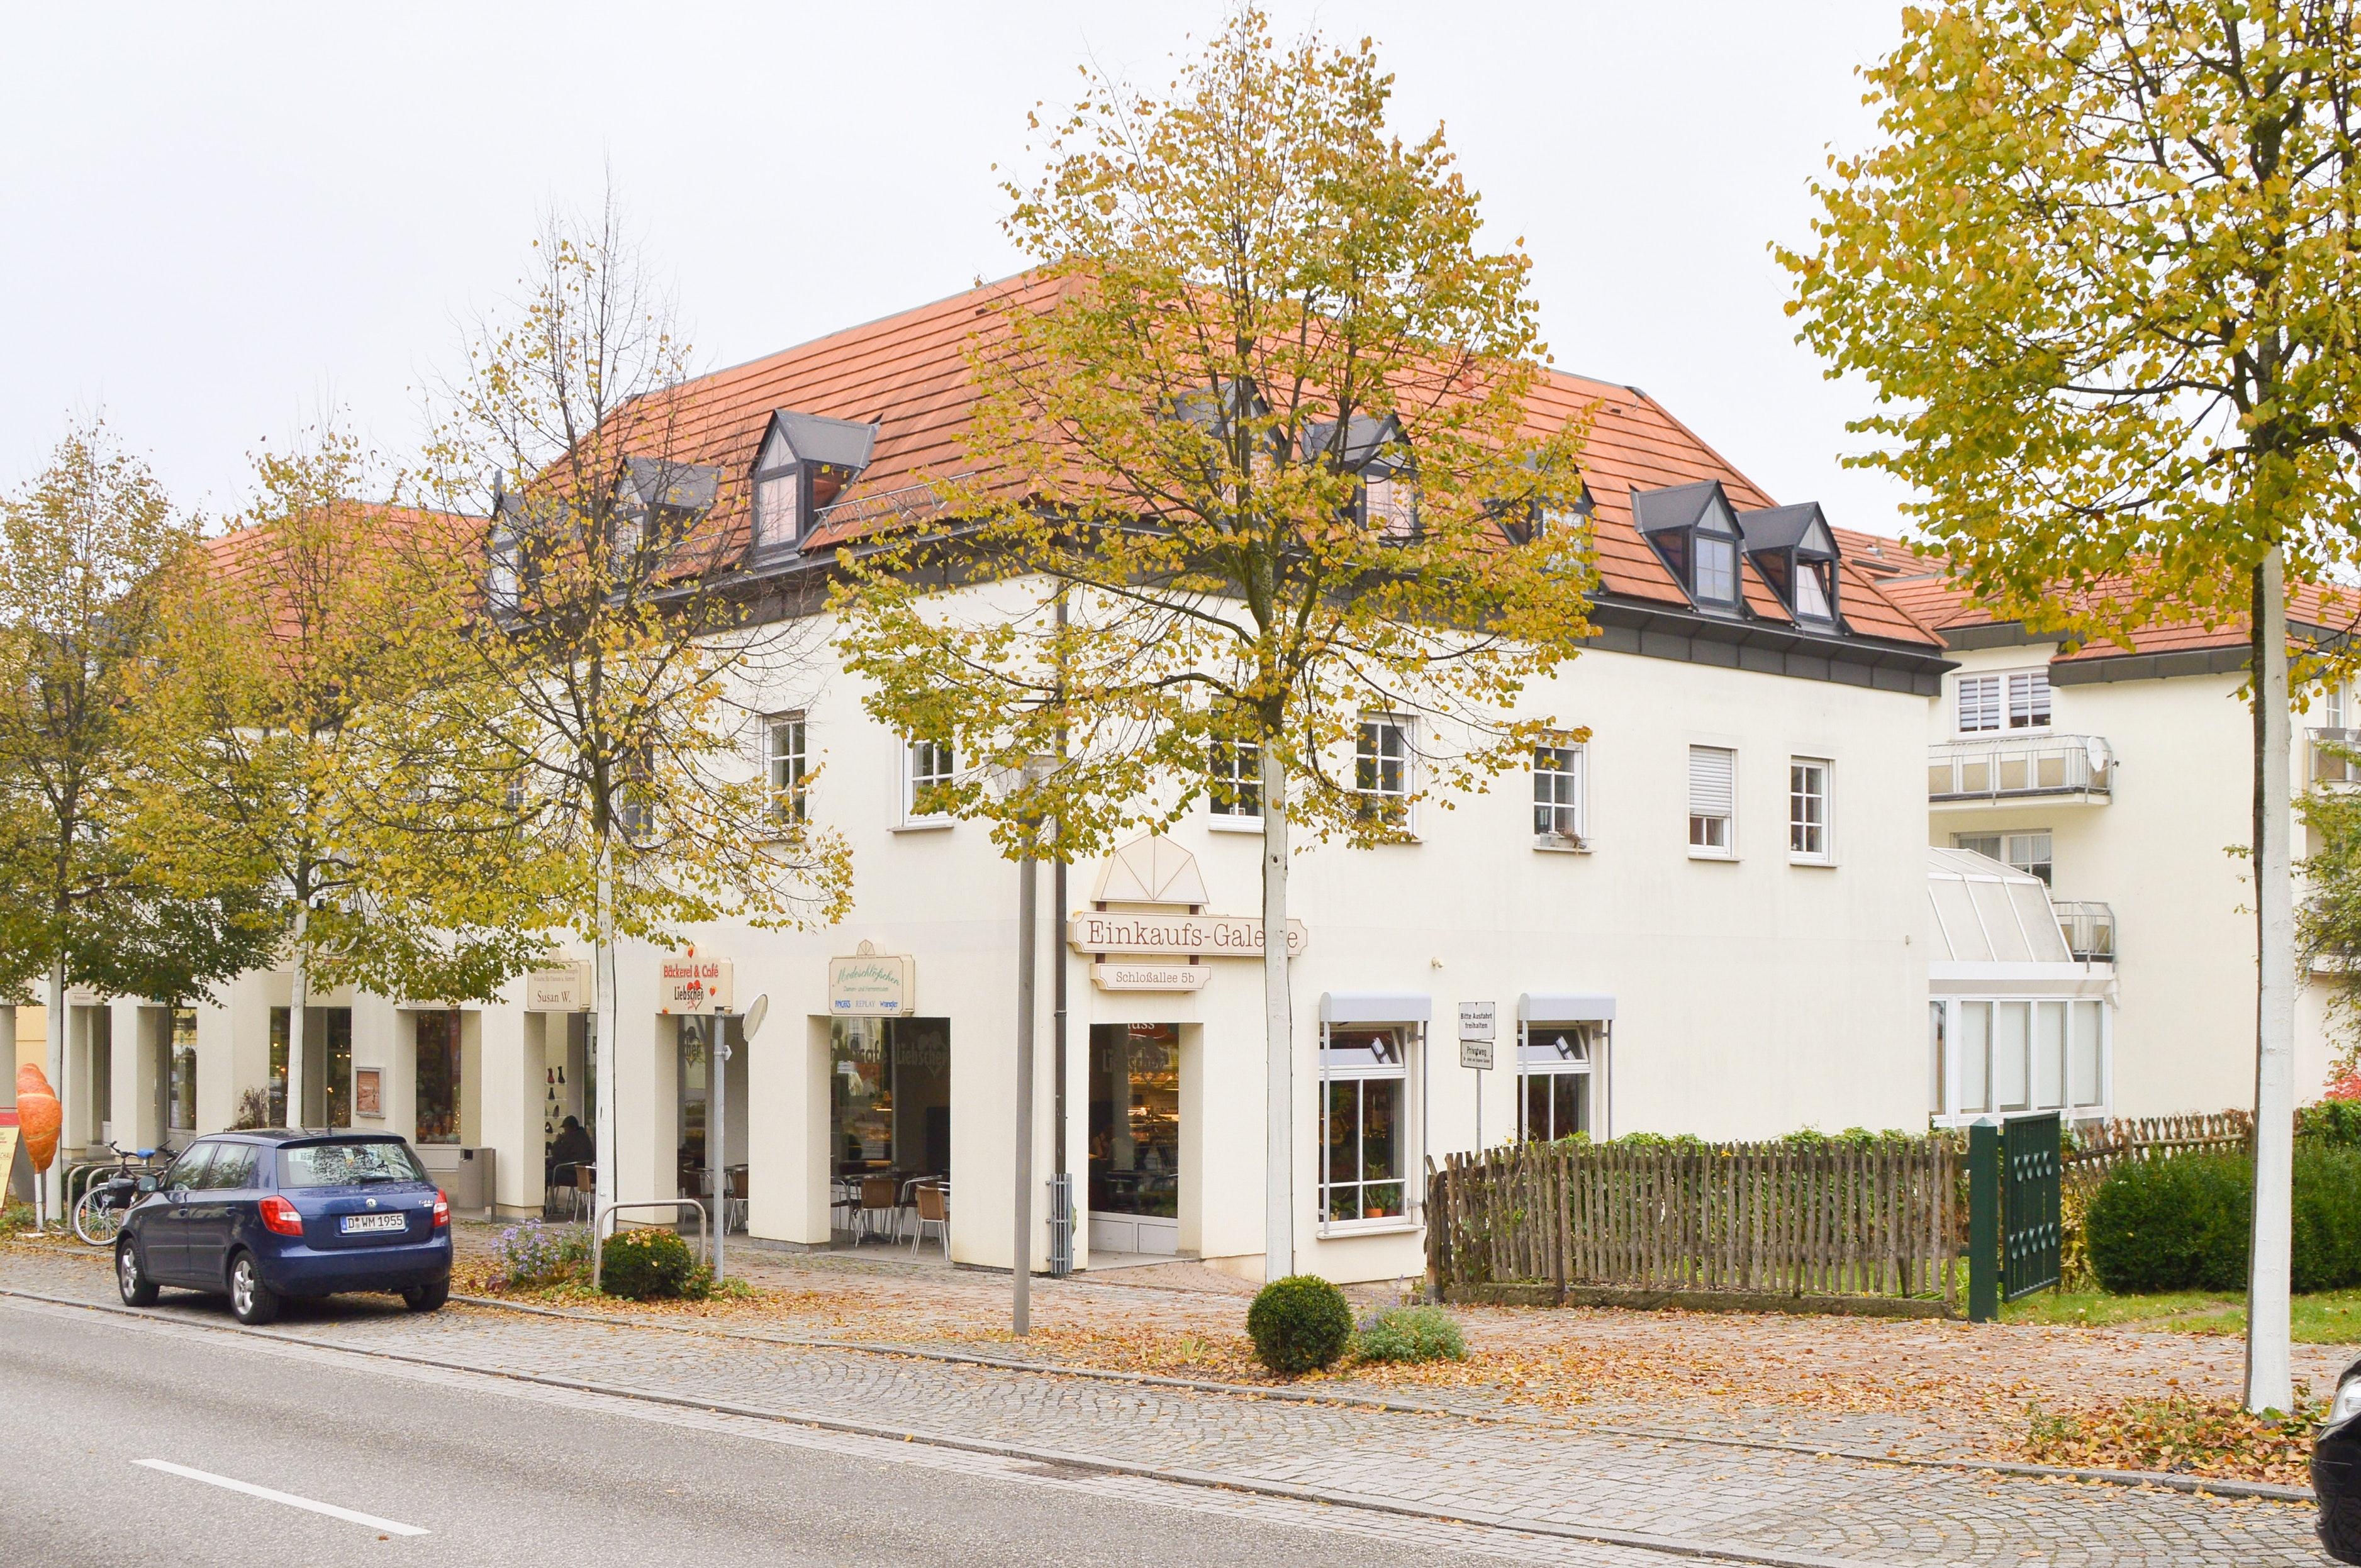 schlossgalerie moritzburg